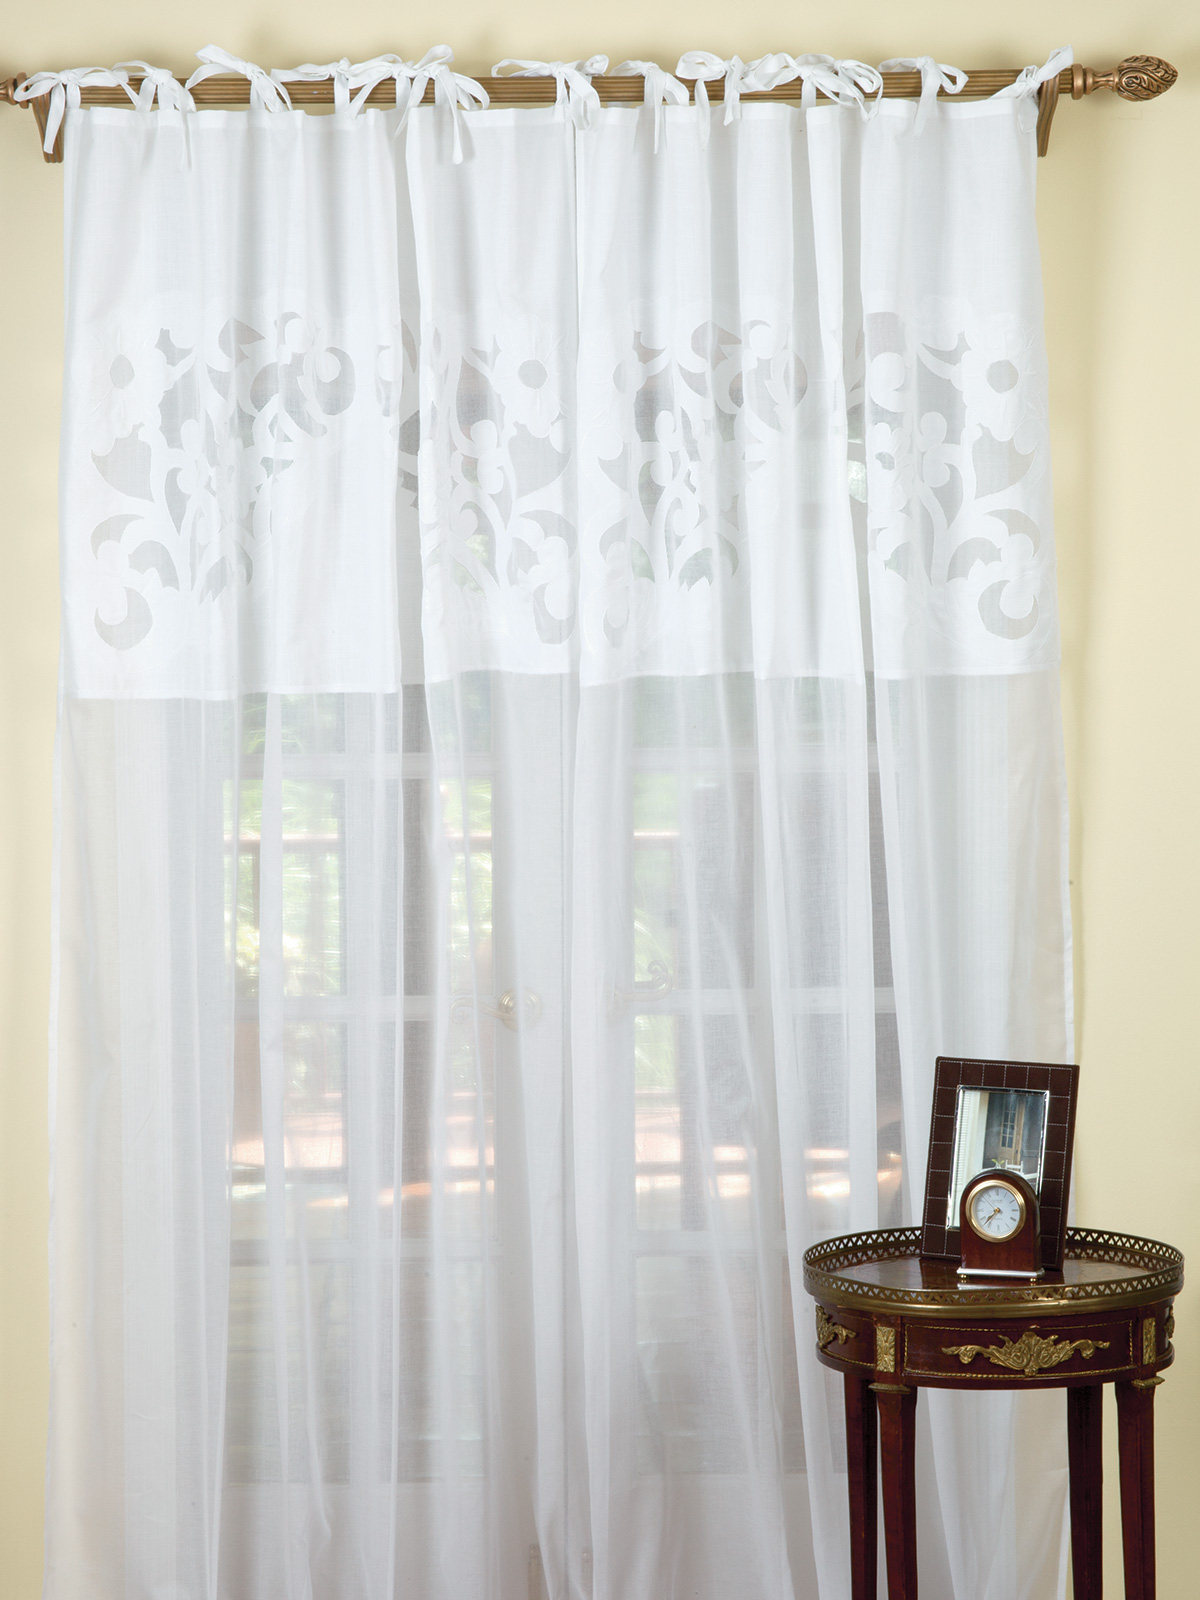 Curtain_CurtainCall_11489.jpg